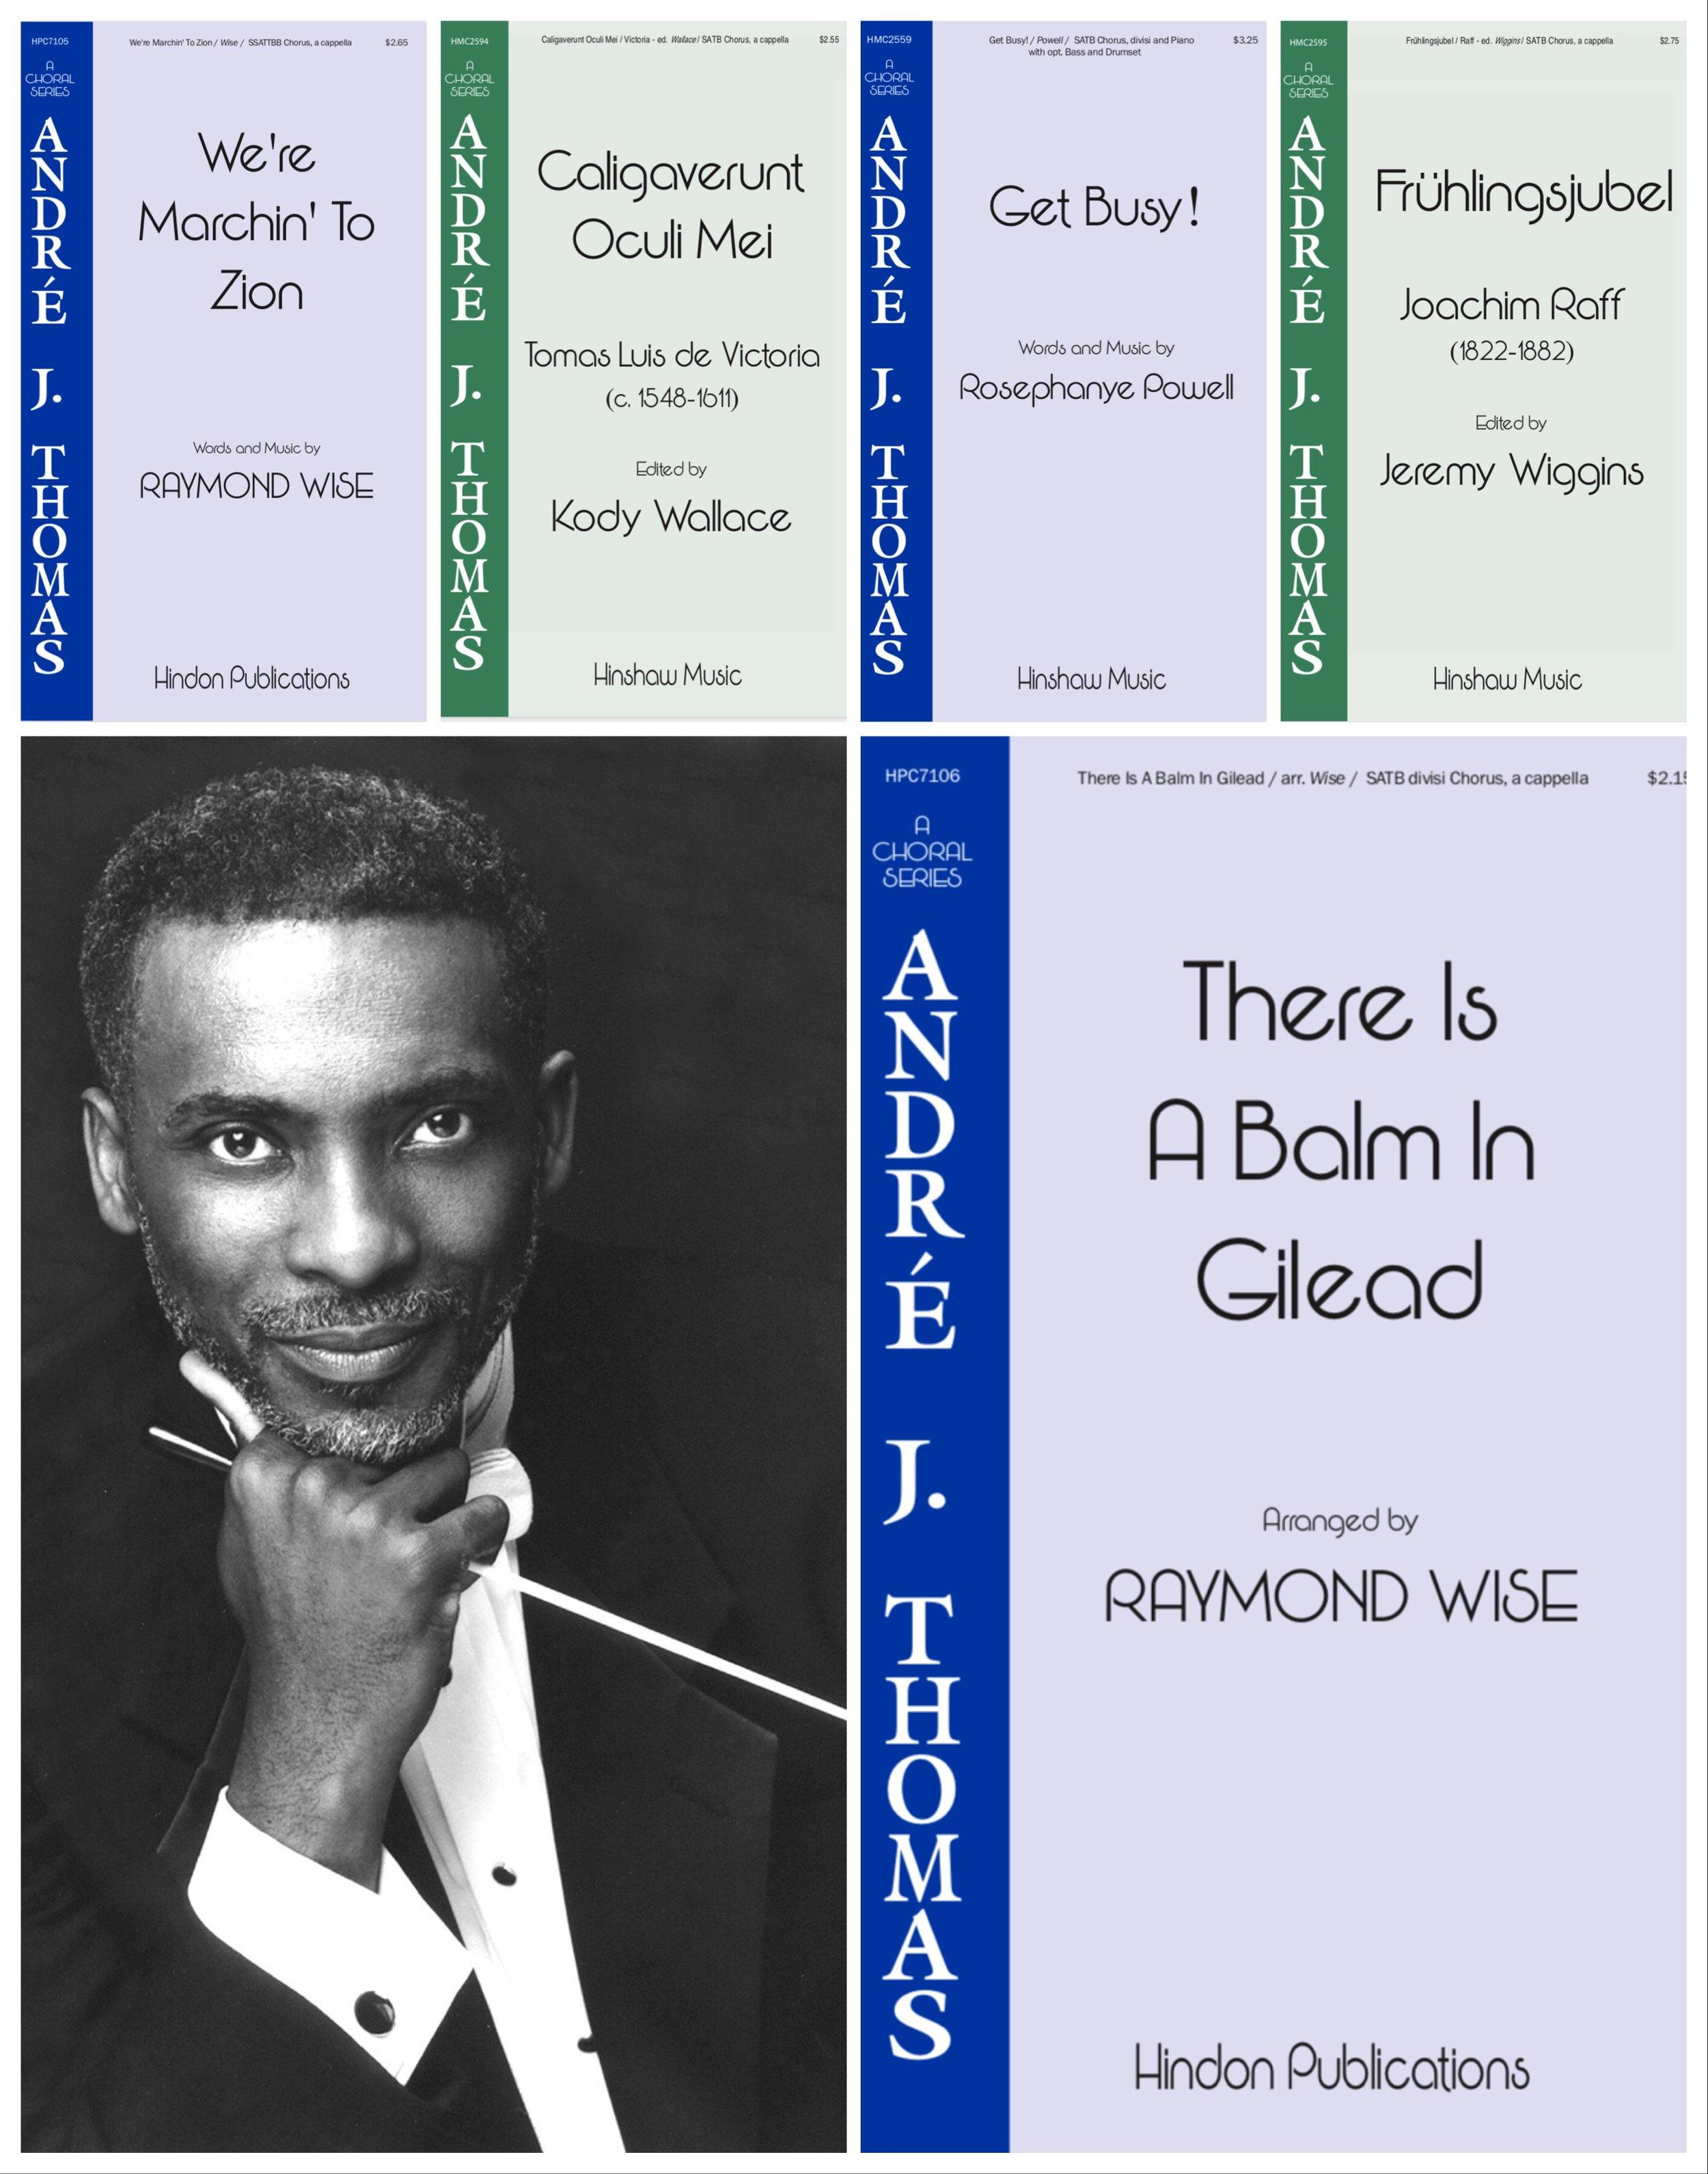 Andre Thomas Choral Series .JPEG